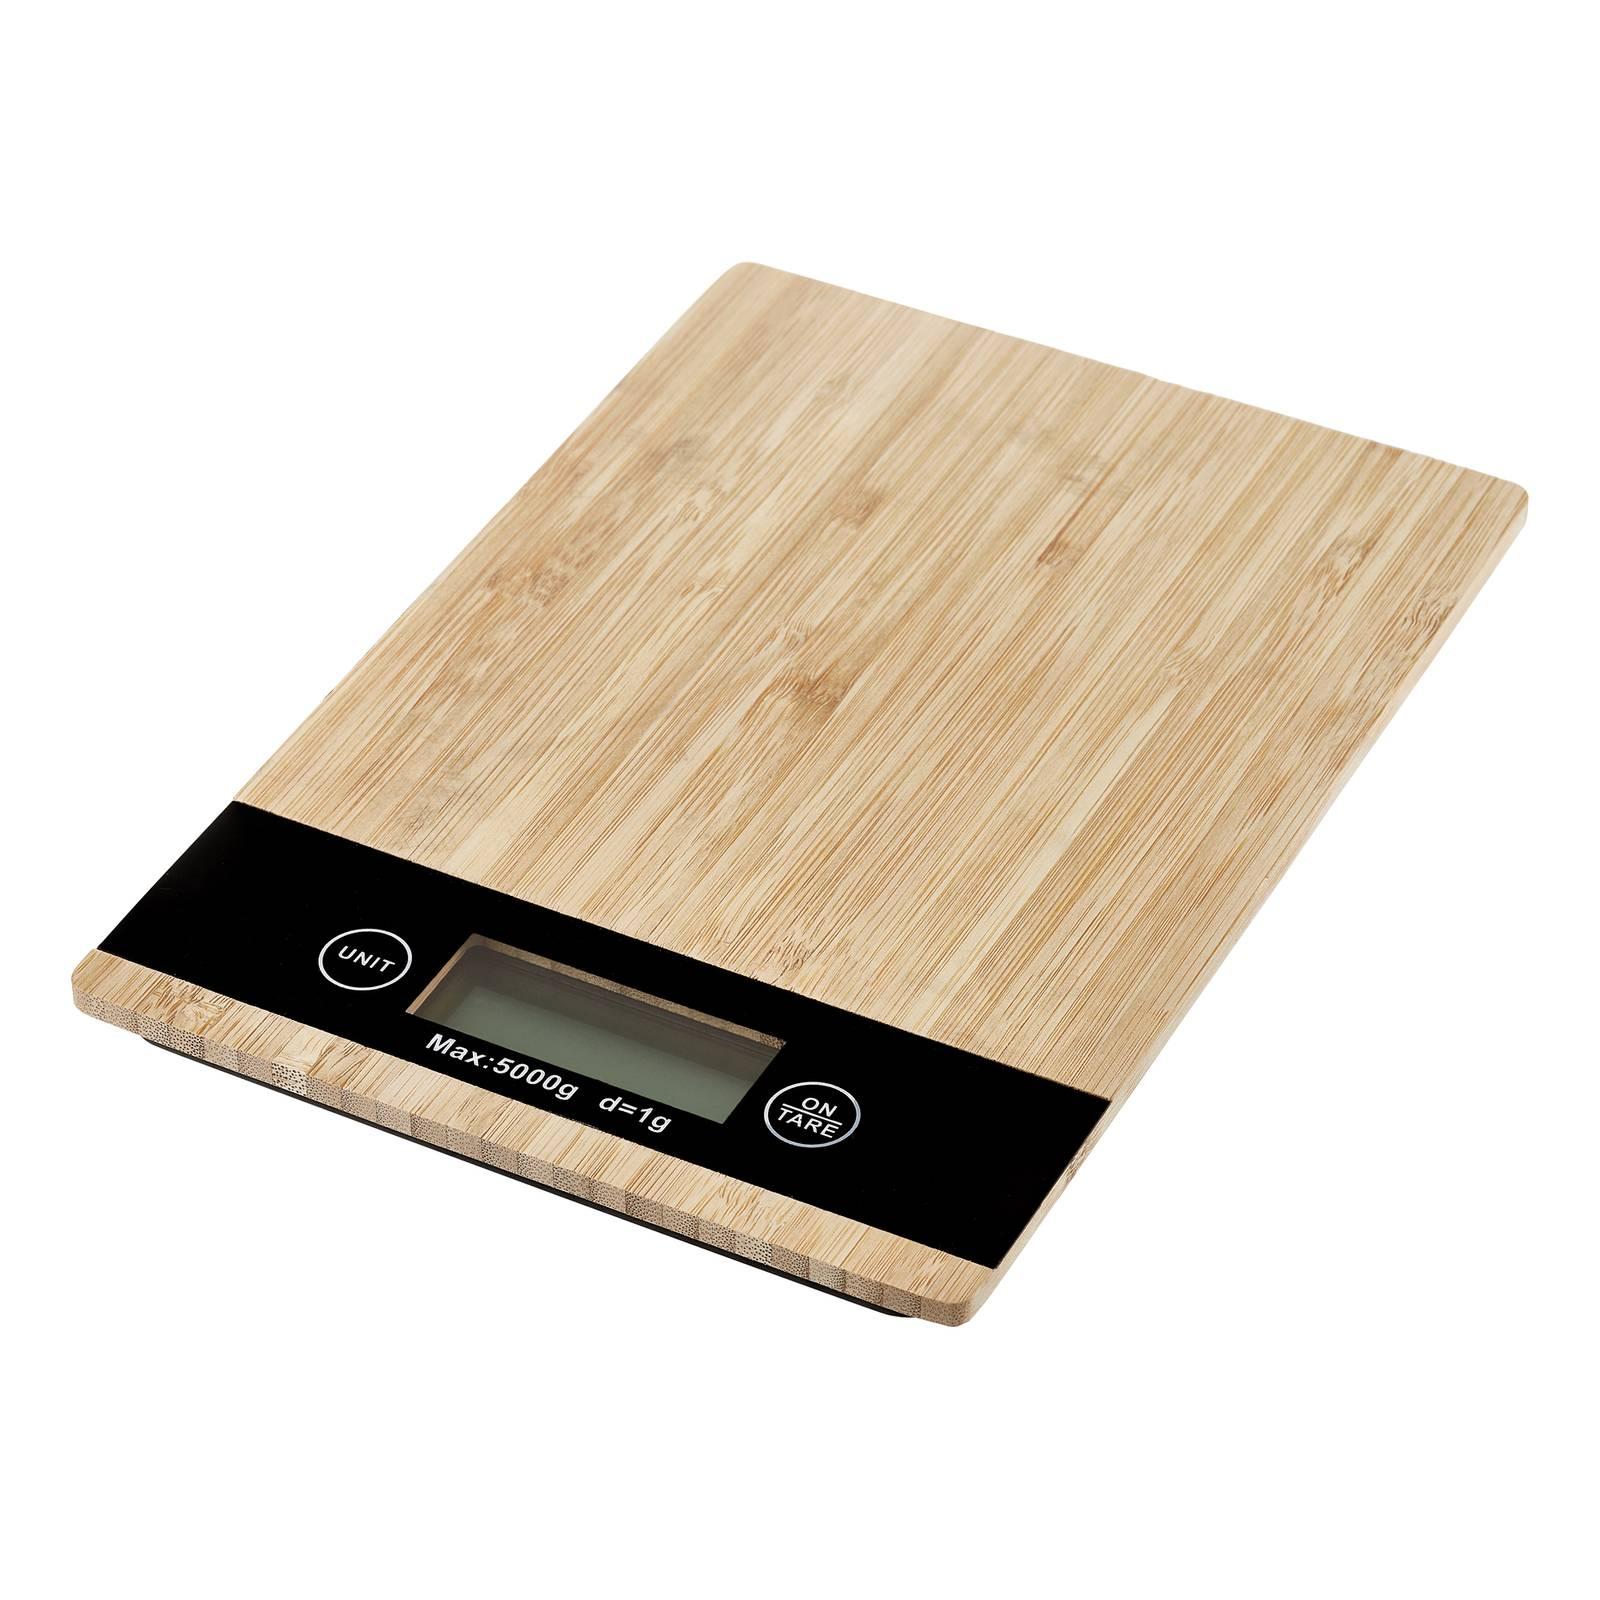 Bambusová kuchynská váha Natural 23 x 16 cm AMBITION